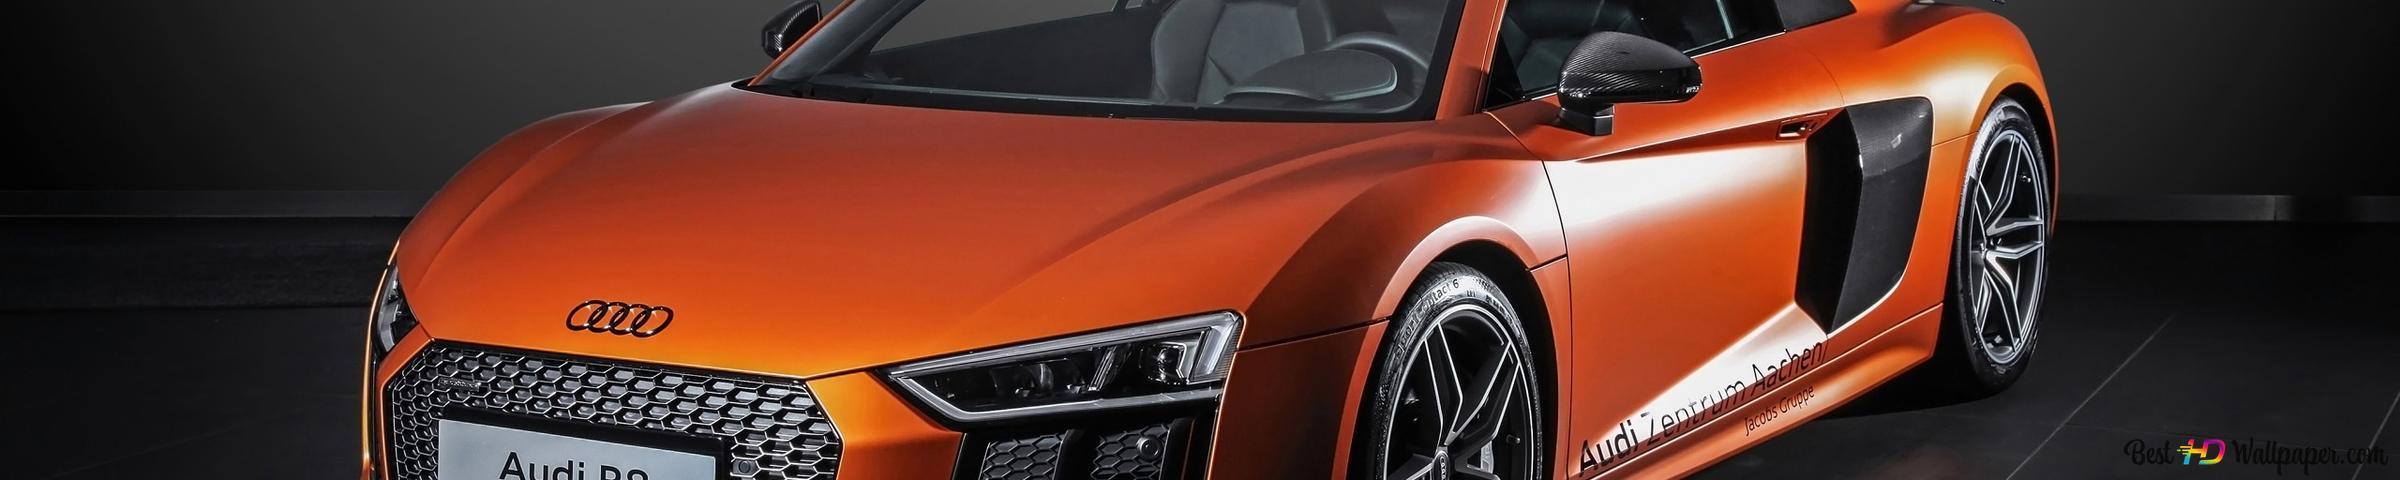 custom audi r8 car design wallpaper 2400x480 11605 121